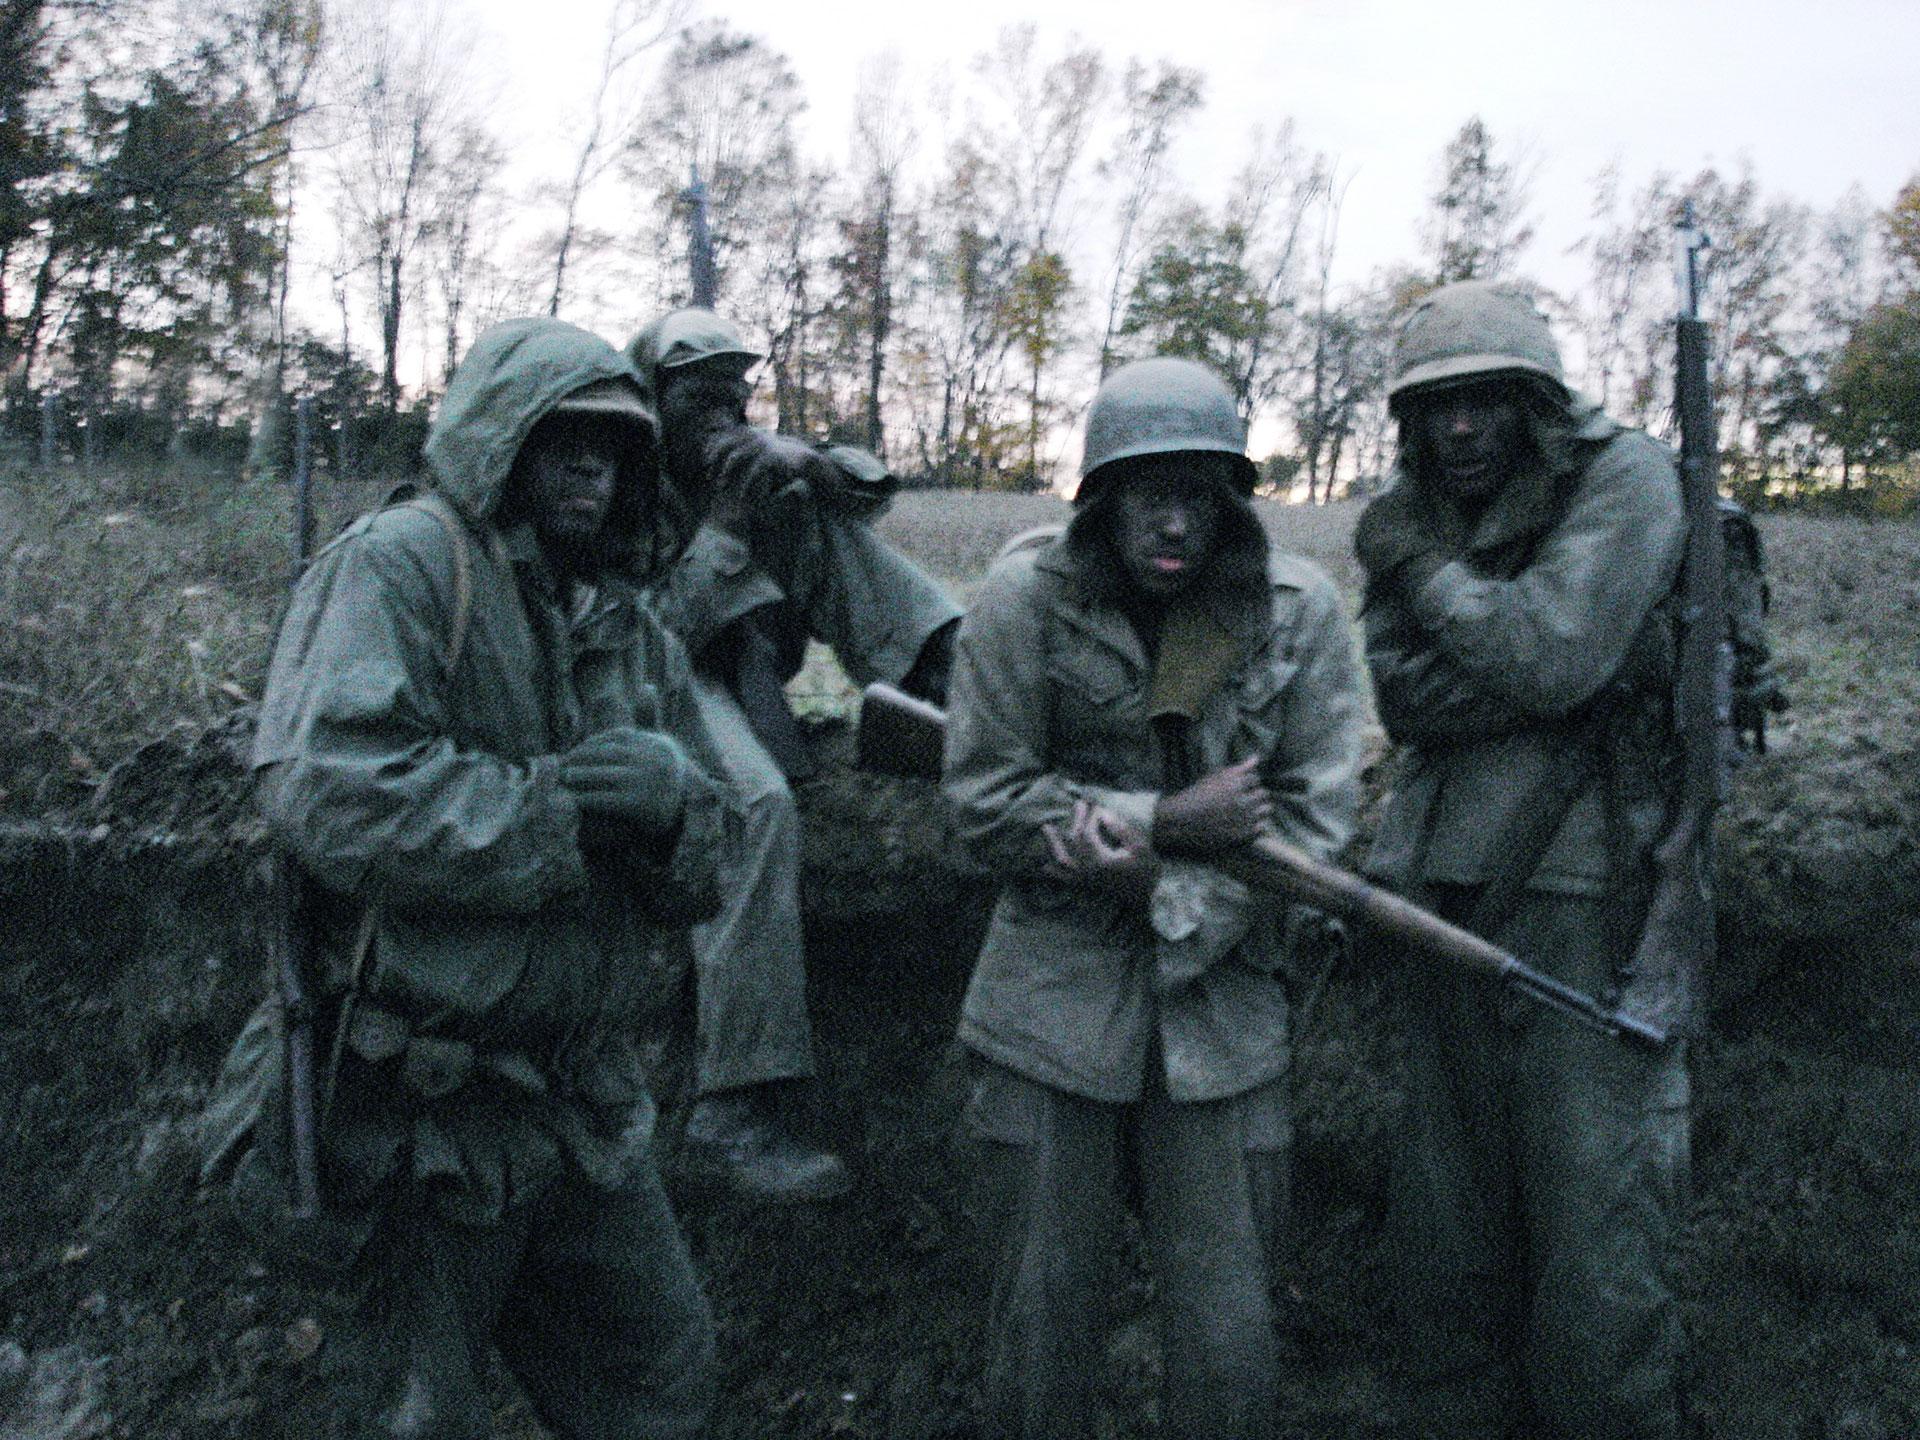 Rudy-Poe-LibertyBTS-Korean-soldiers-1920-web.jpg